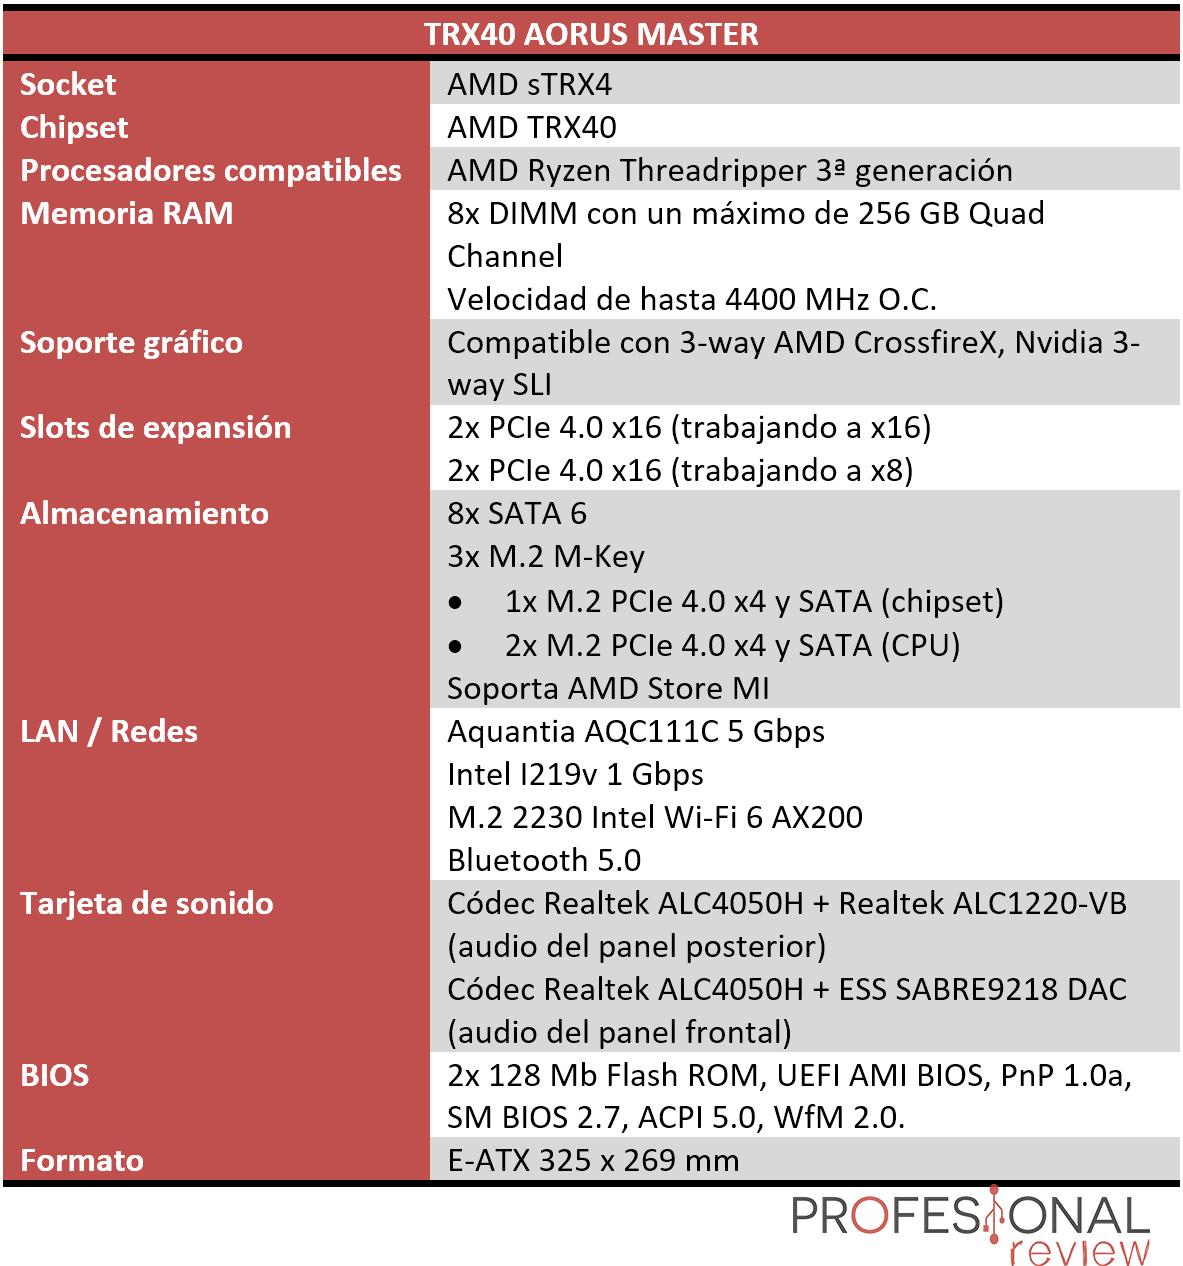 TRX40 AORUS MASTER características